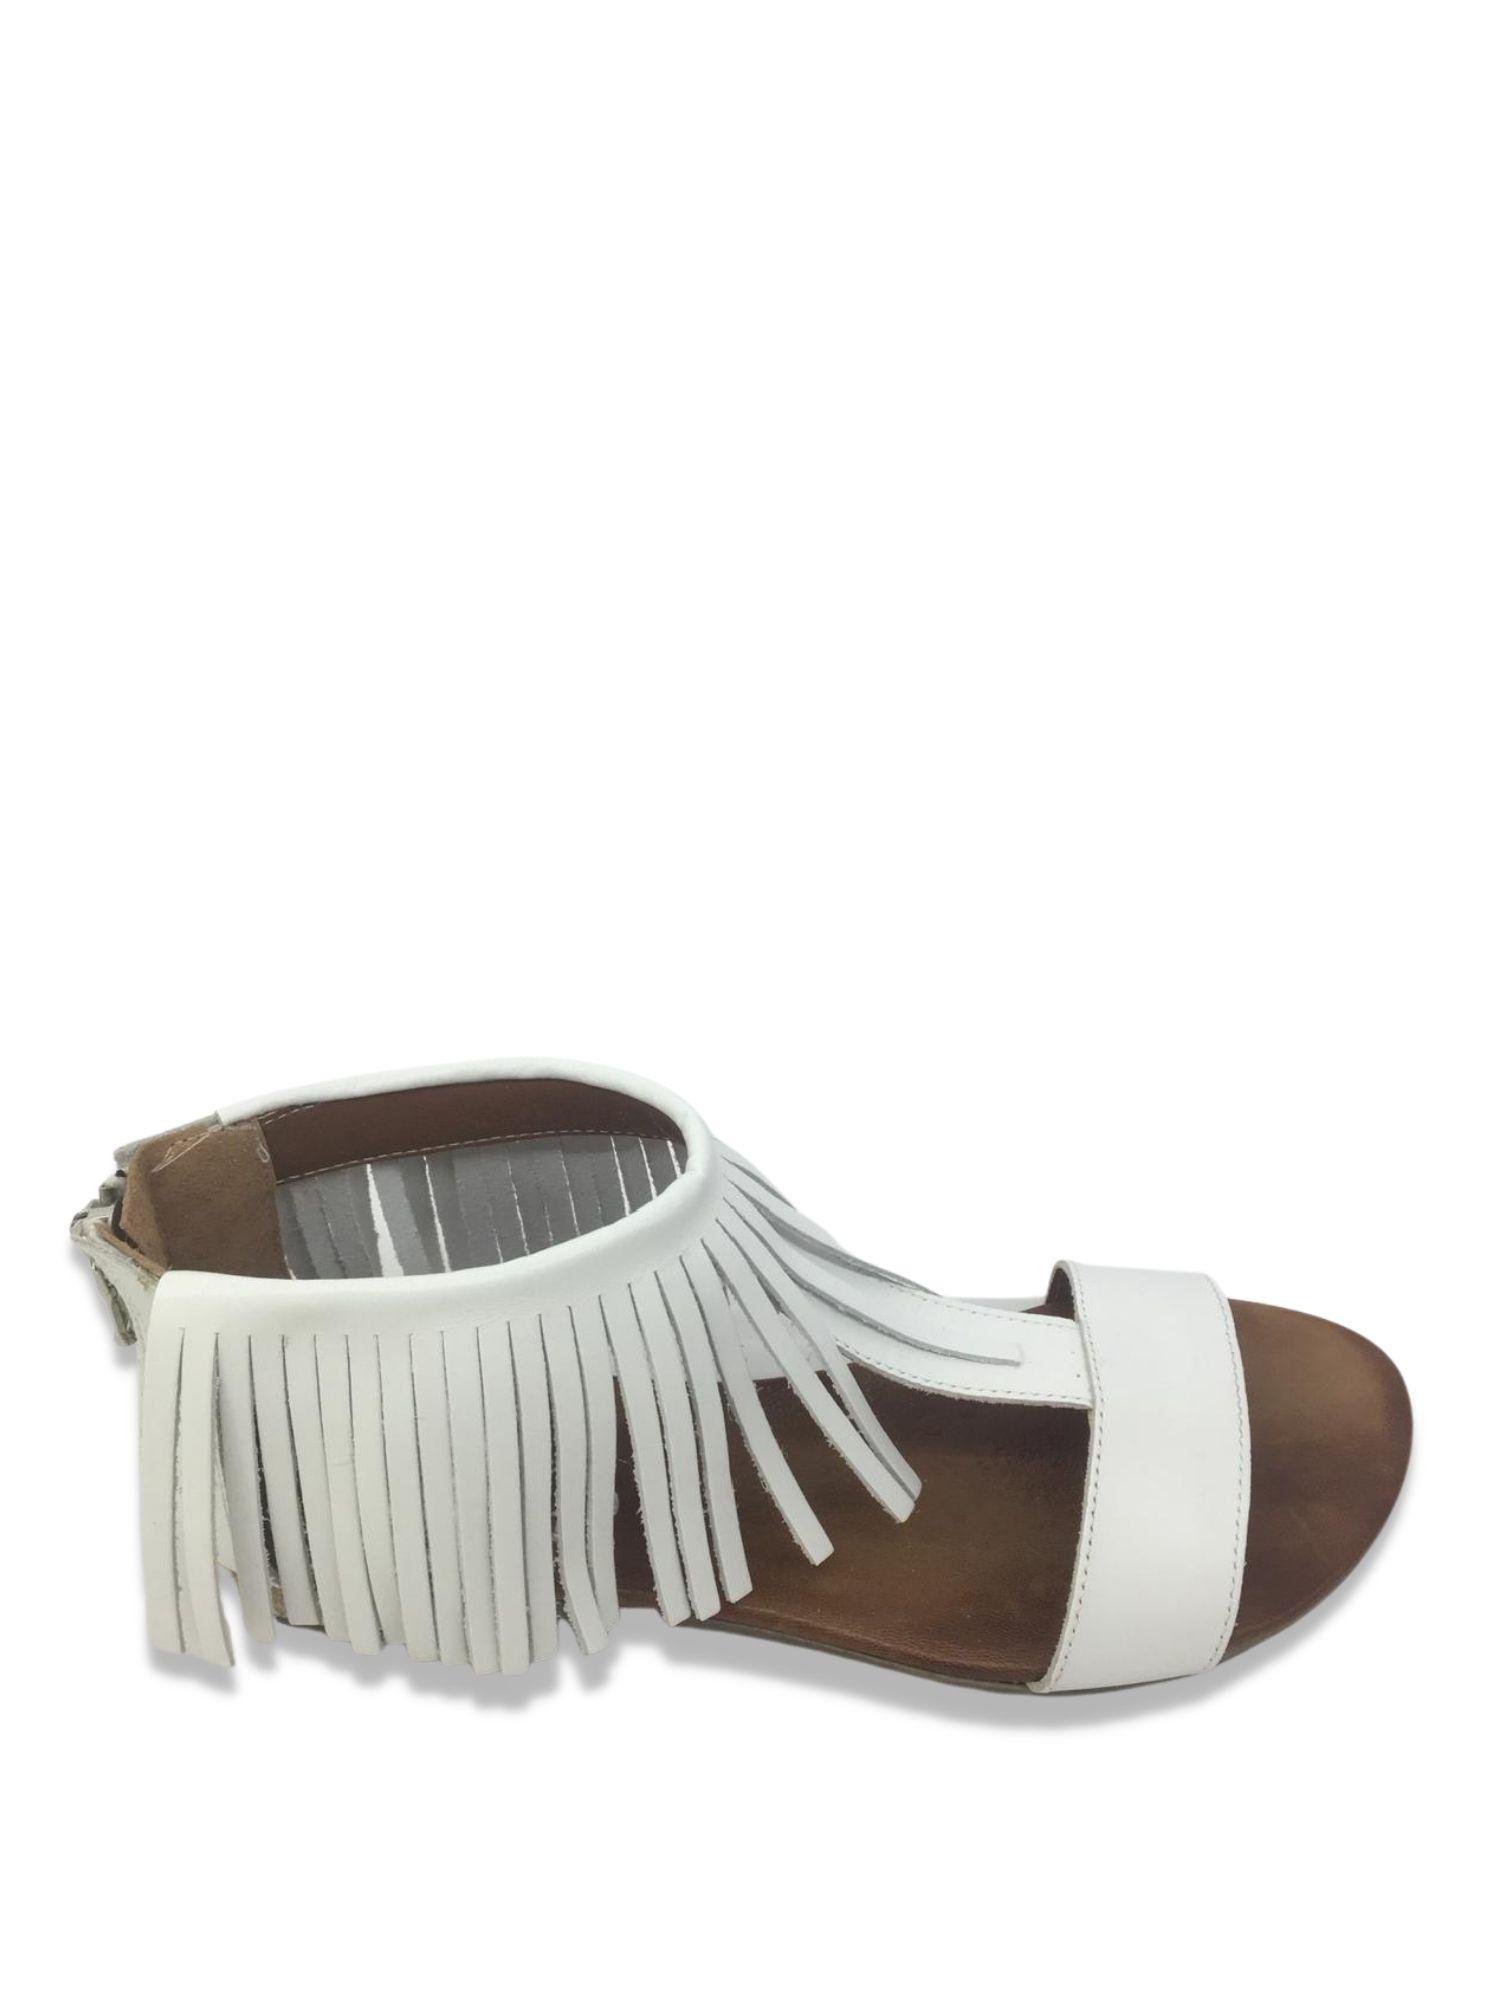 Sandalo infradito Made in Italy 215 Bianco